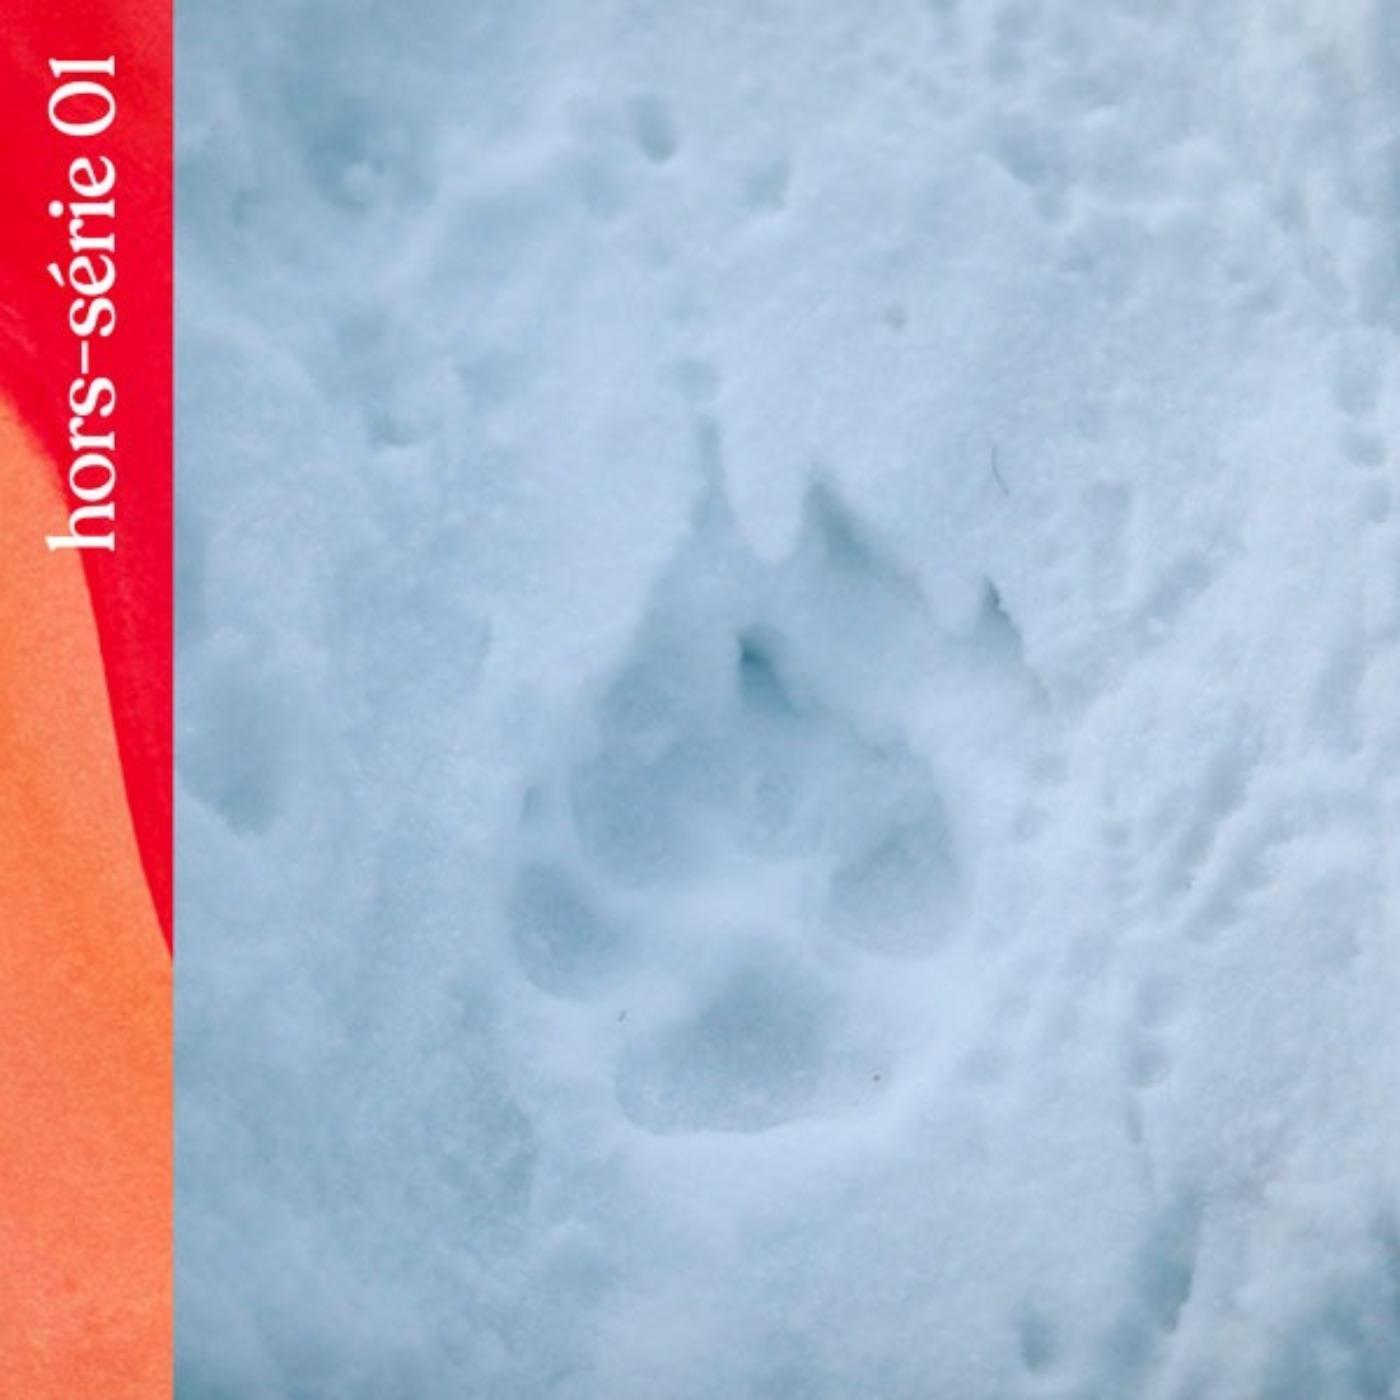 Hors-série #1 — Le pacte du loup, avec Jérémie Villet